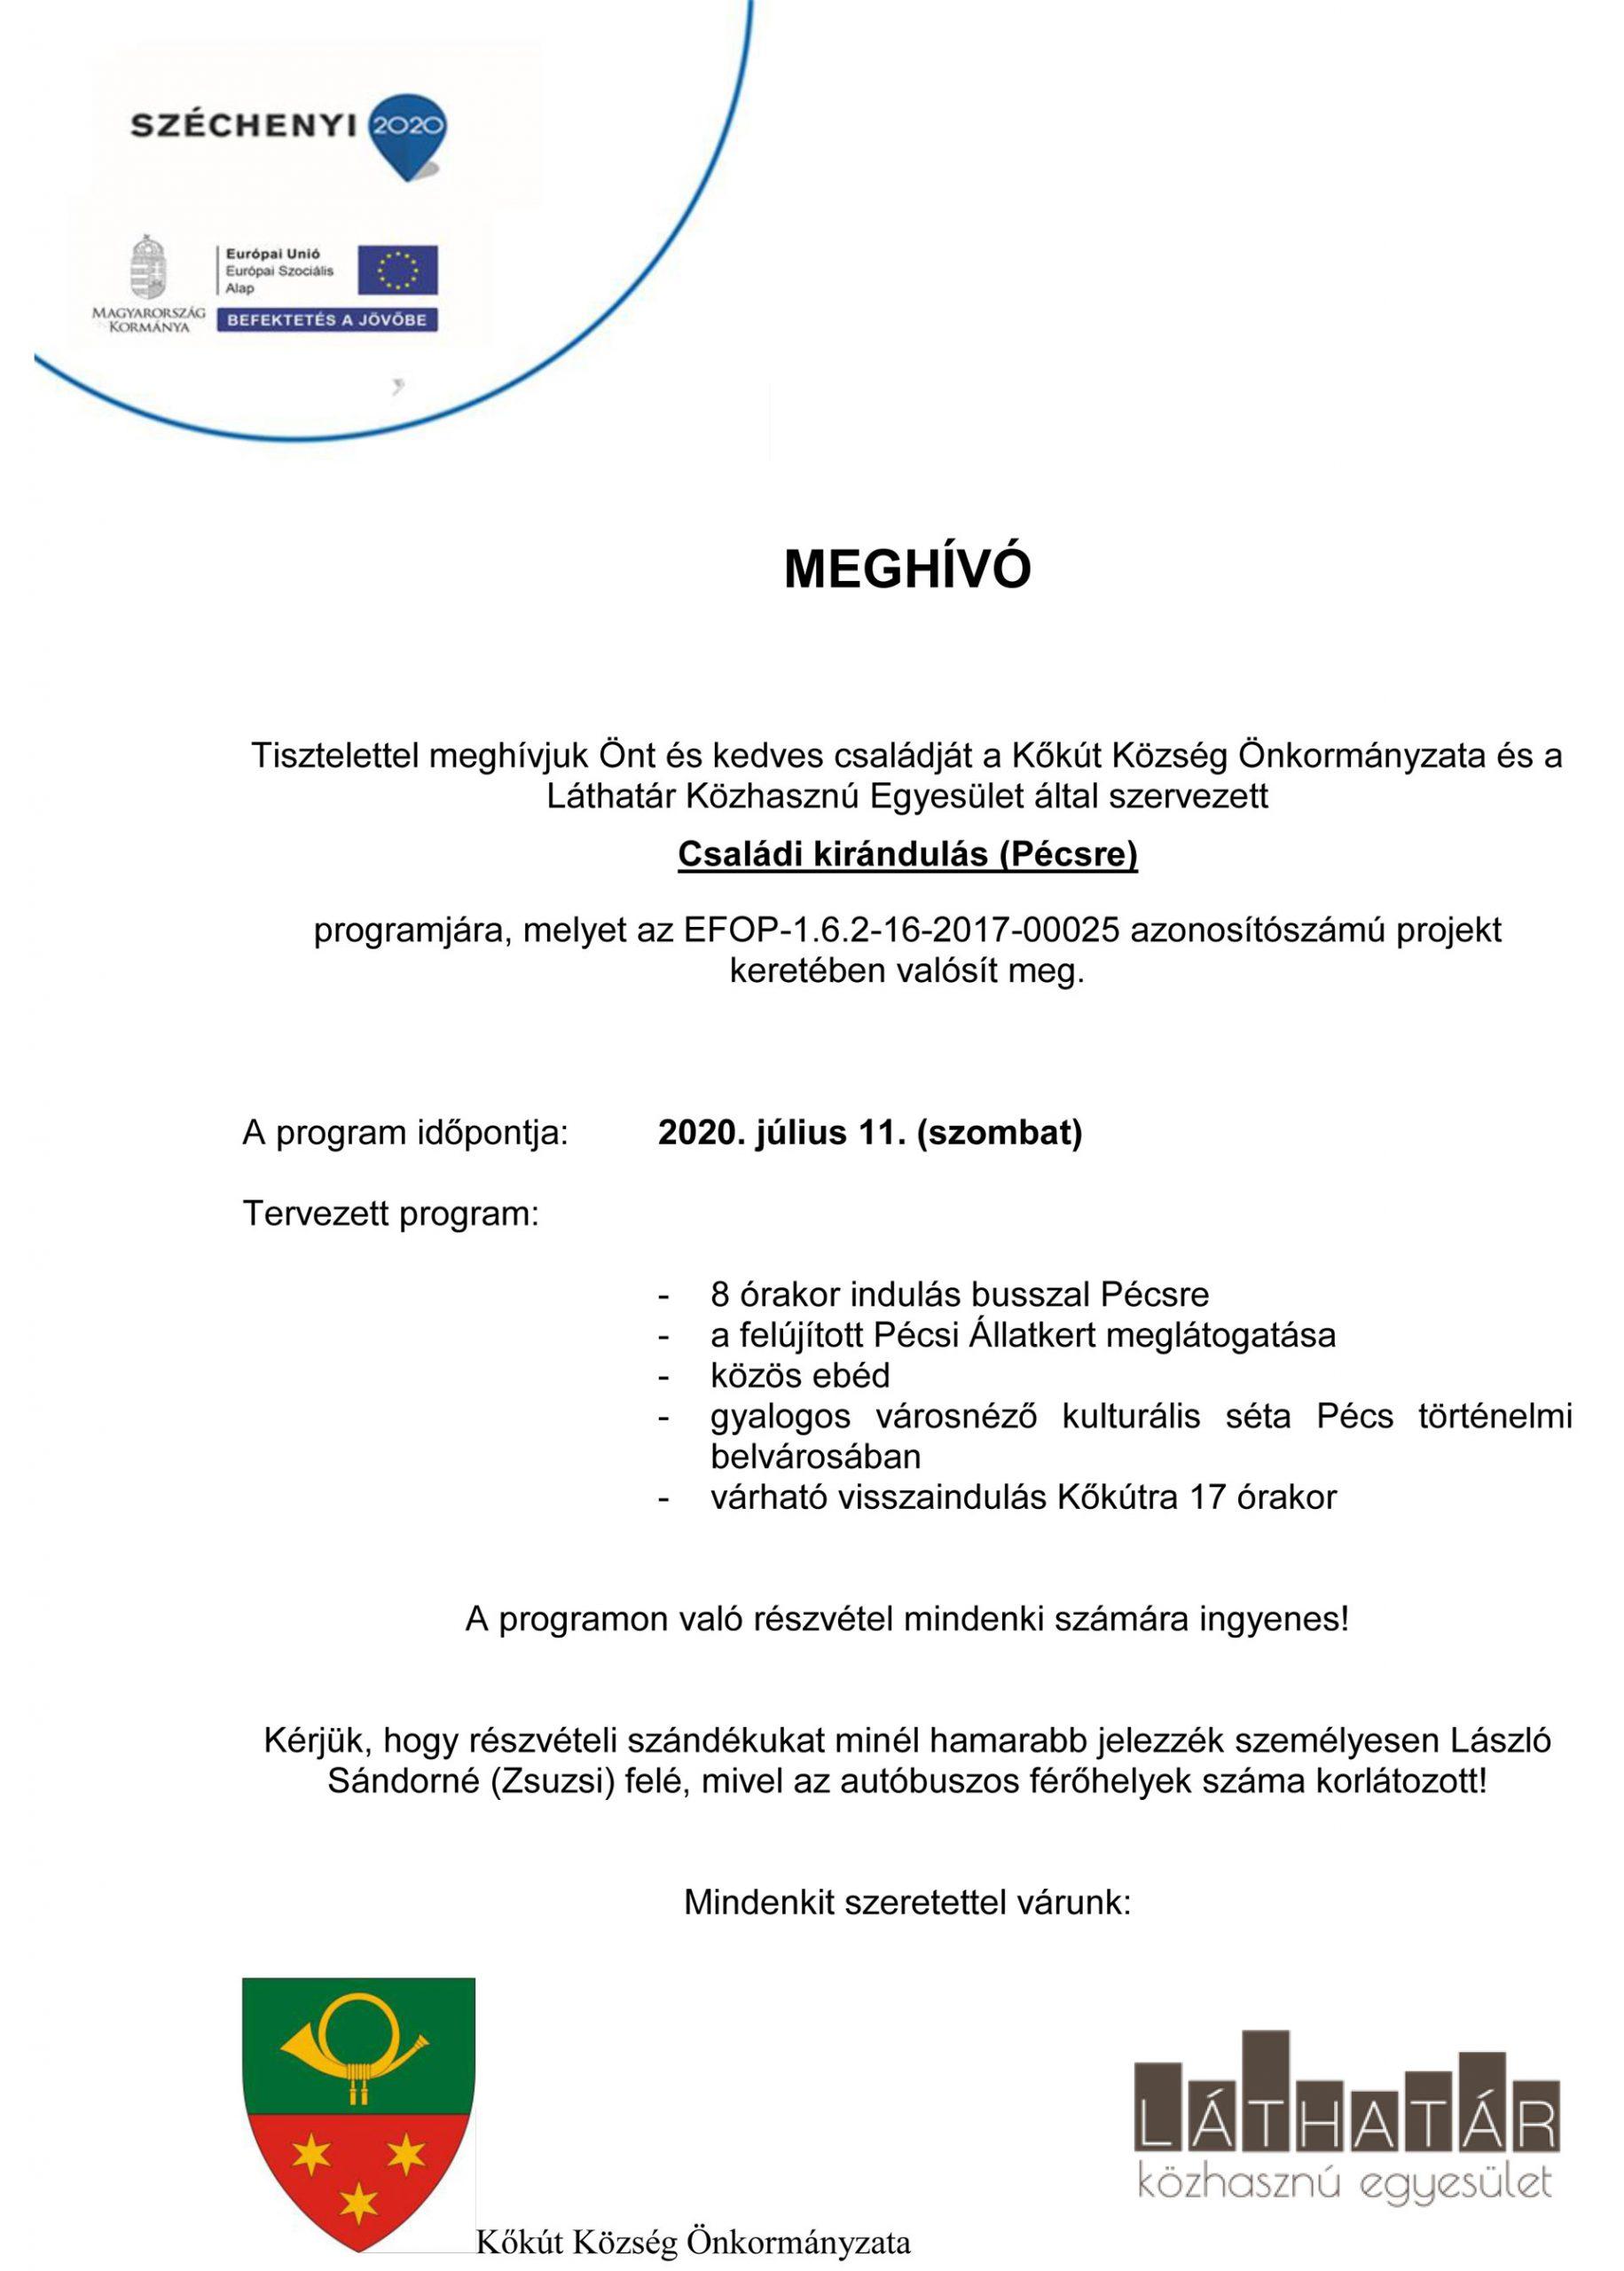 Családi kirándulás Pécsre 2020 július